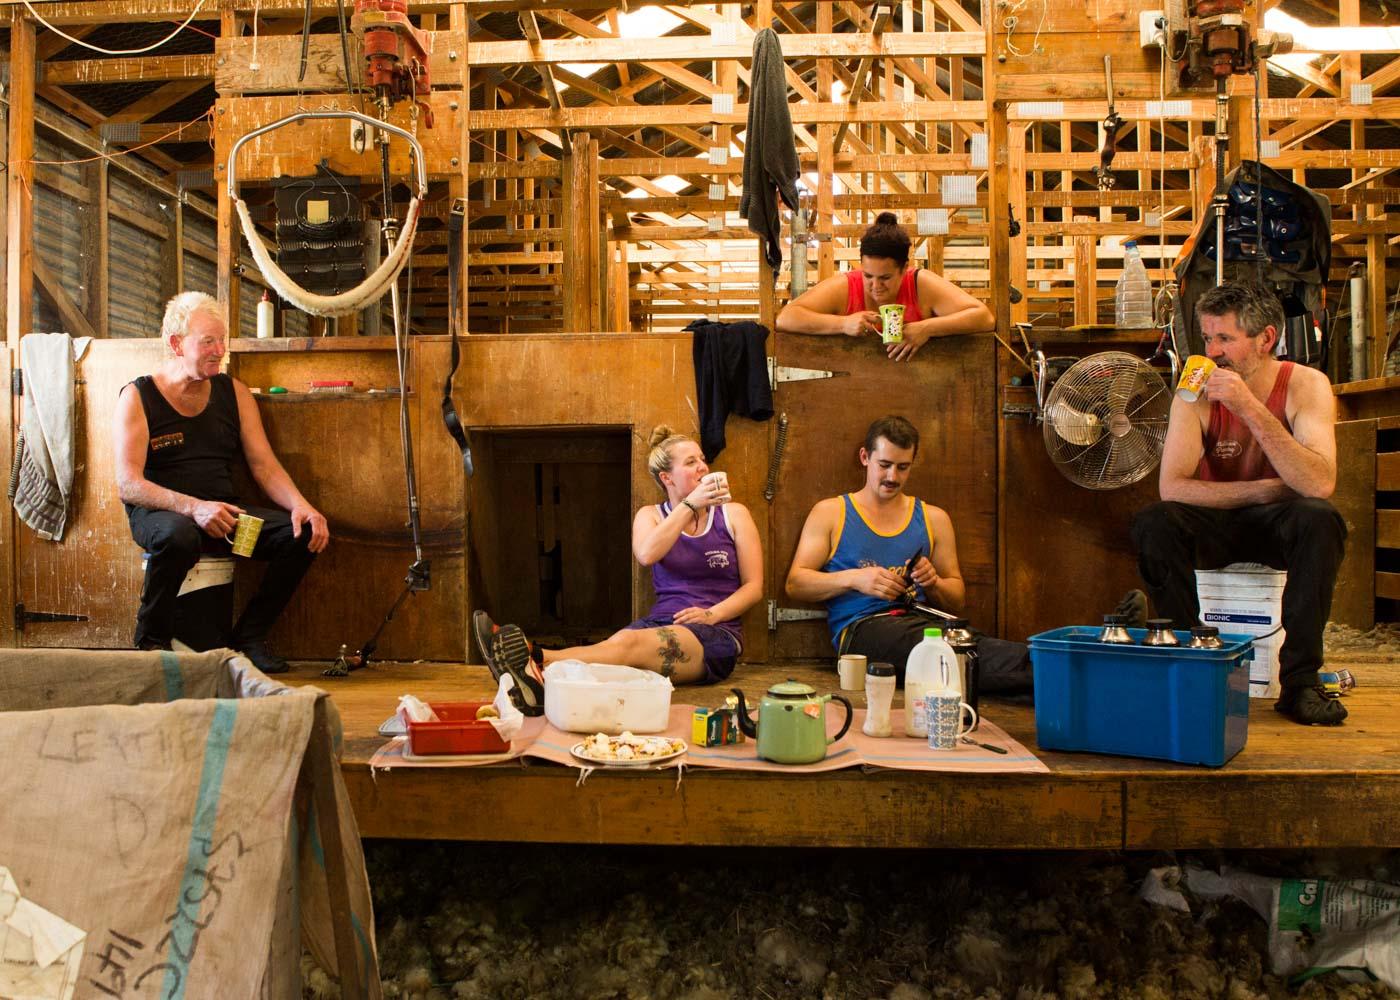 Merit Award: Shearing Time Smoko by Bev Bell